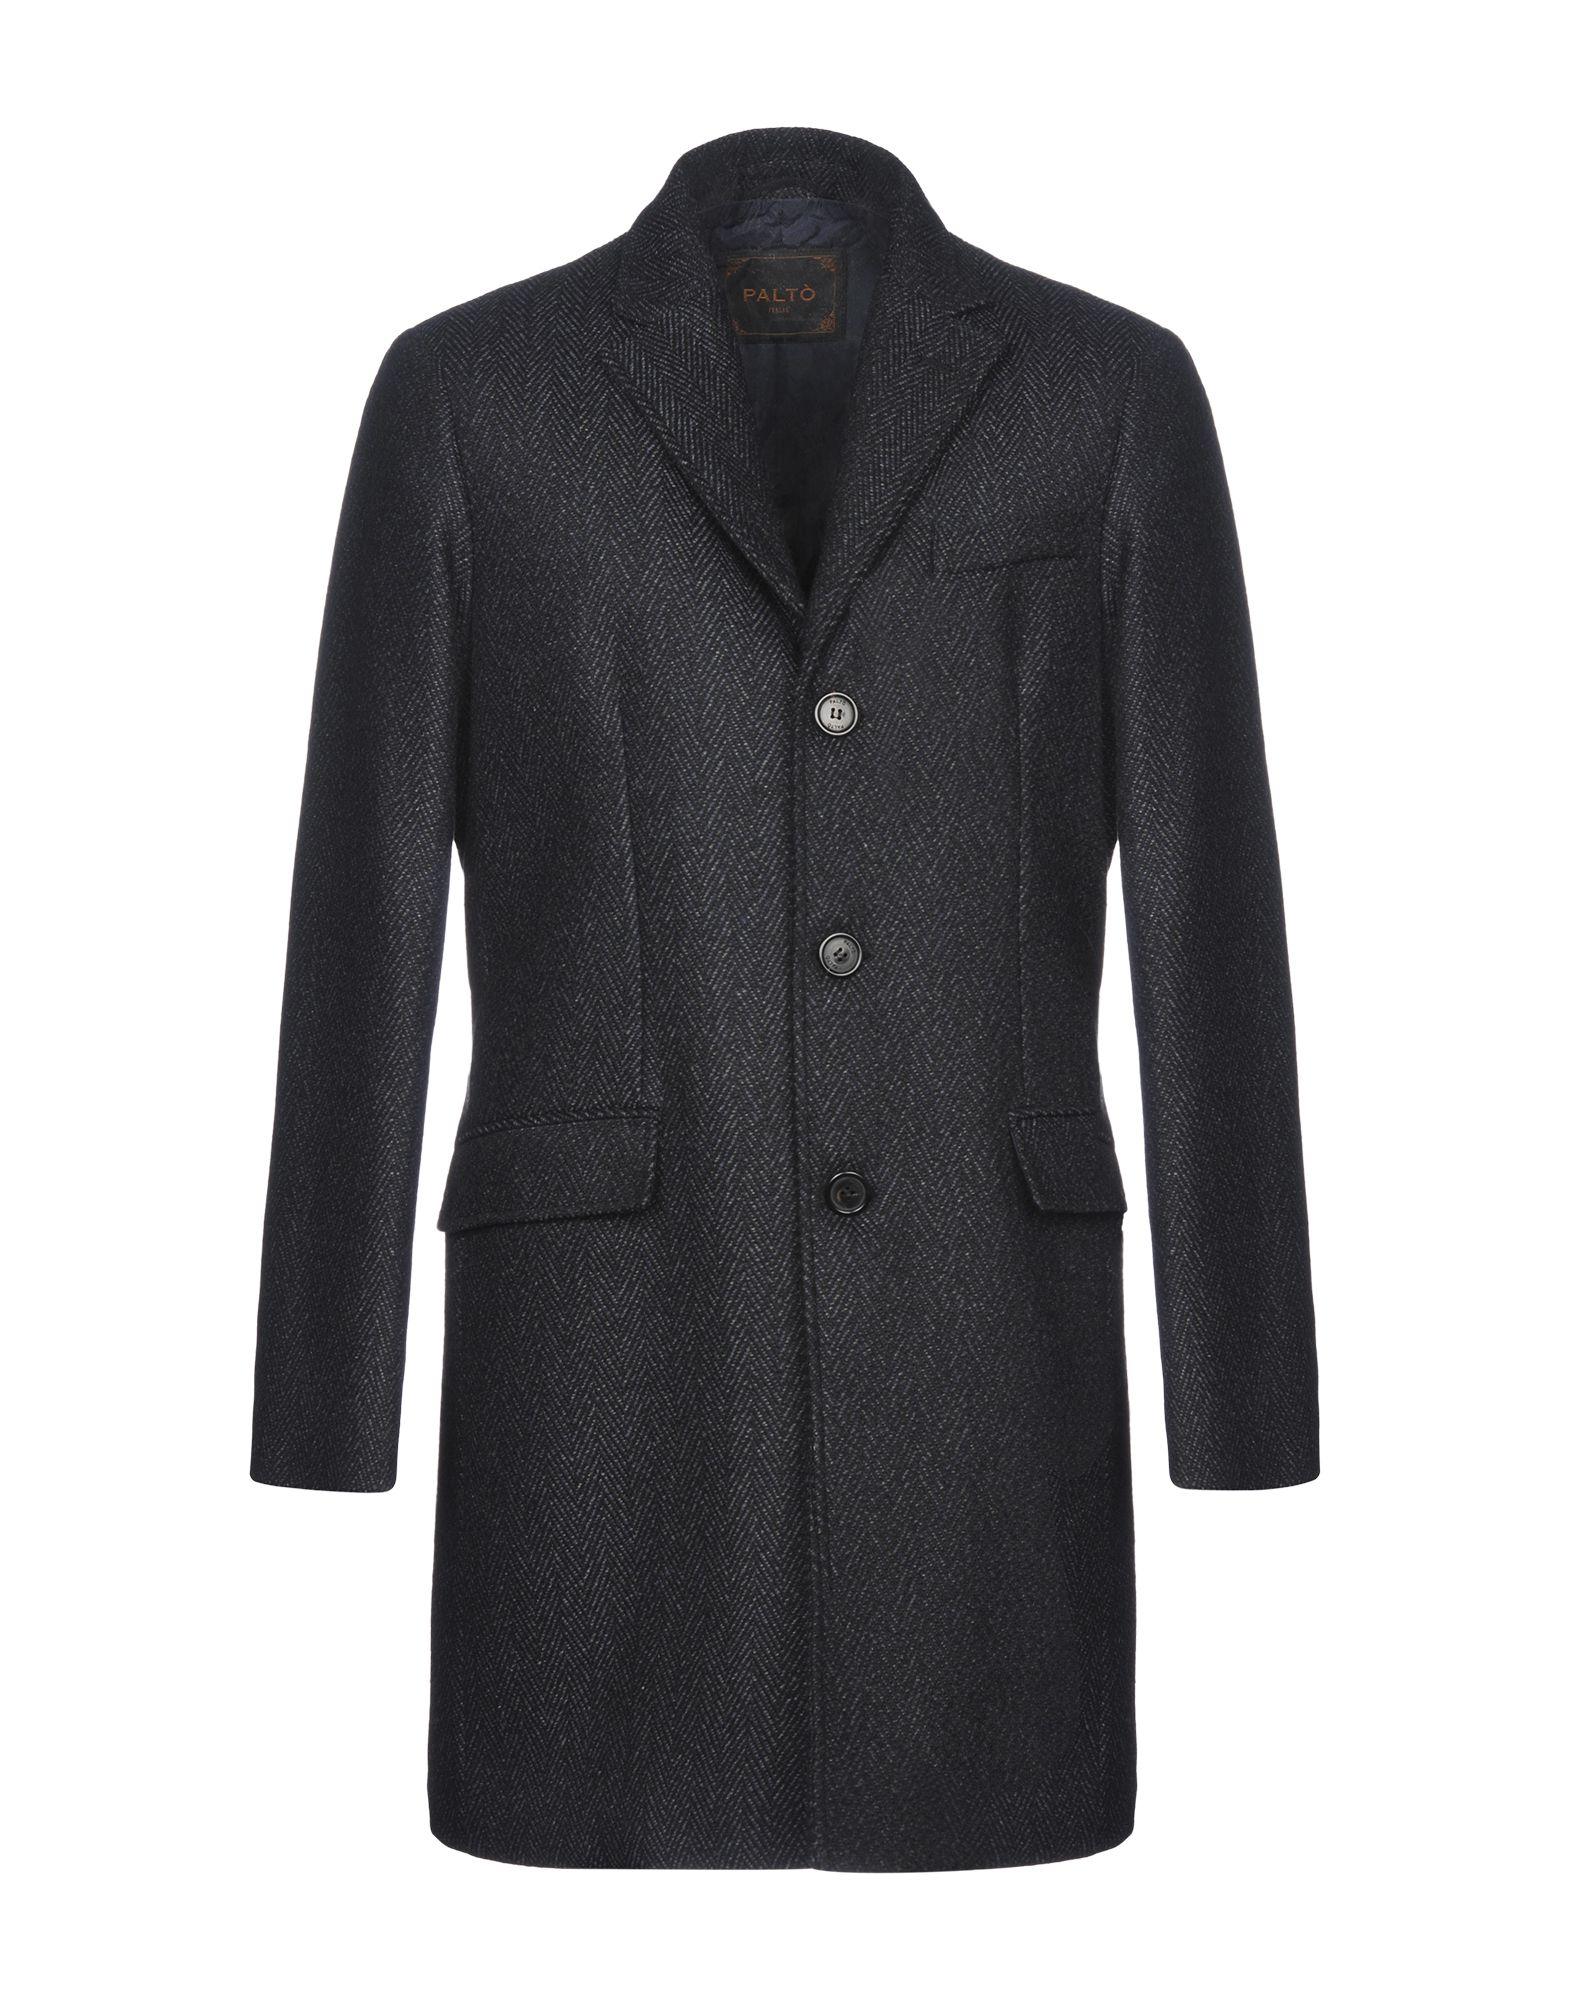 Cappotto Paltò Donna - Acquista online su